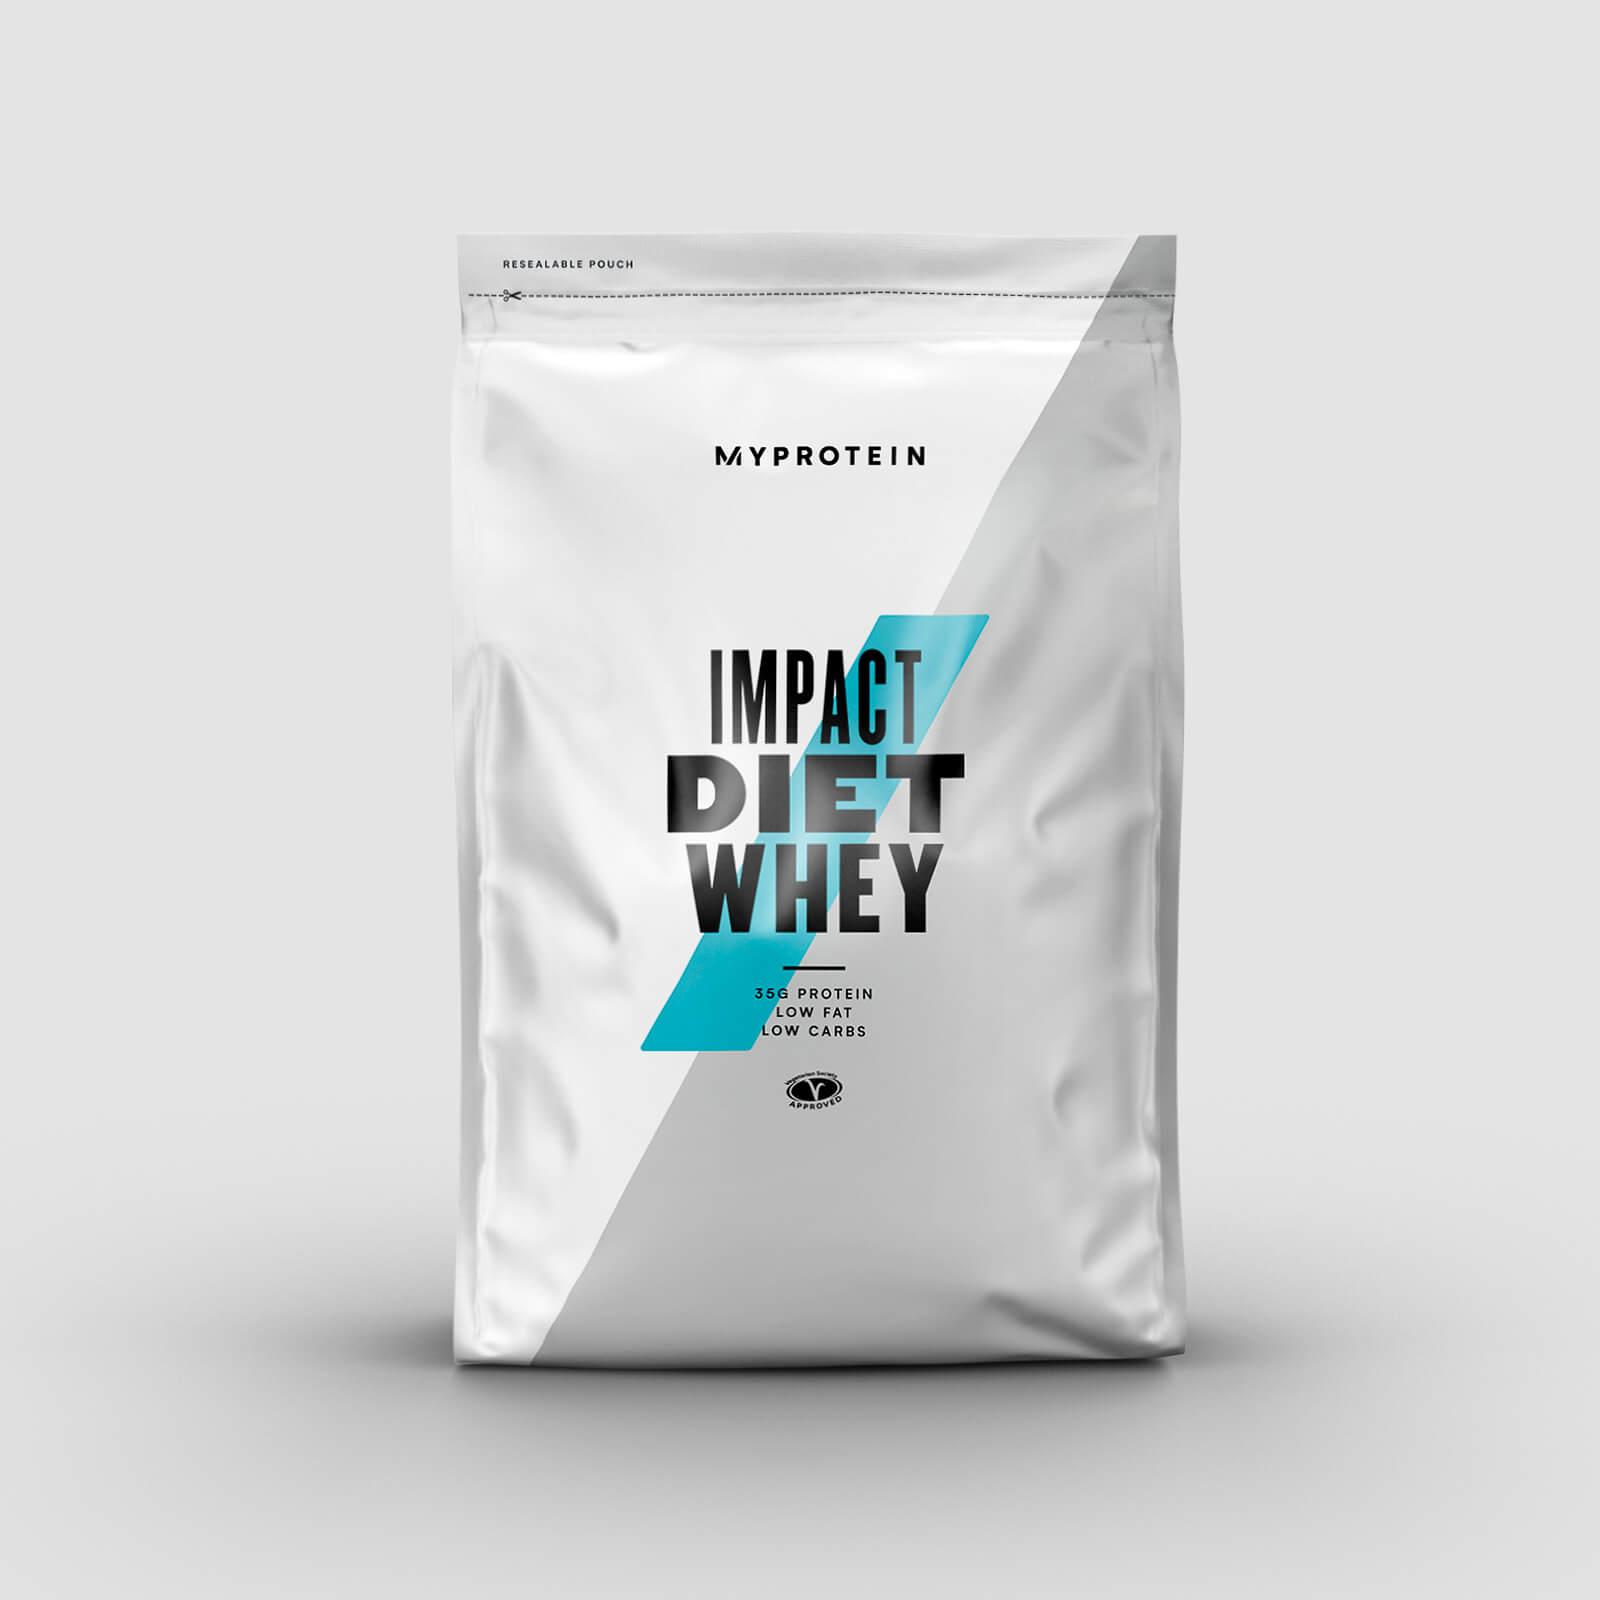 Myprotein Impact Diet Whey - 5kg - Cookies & Cream